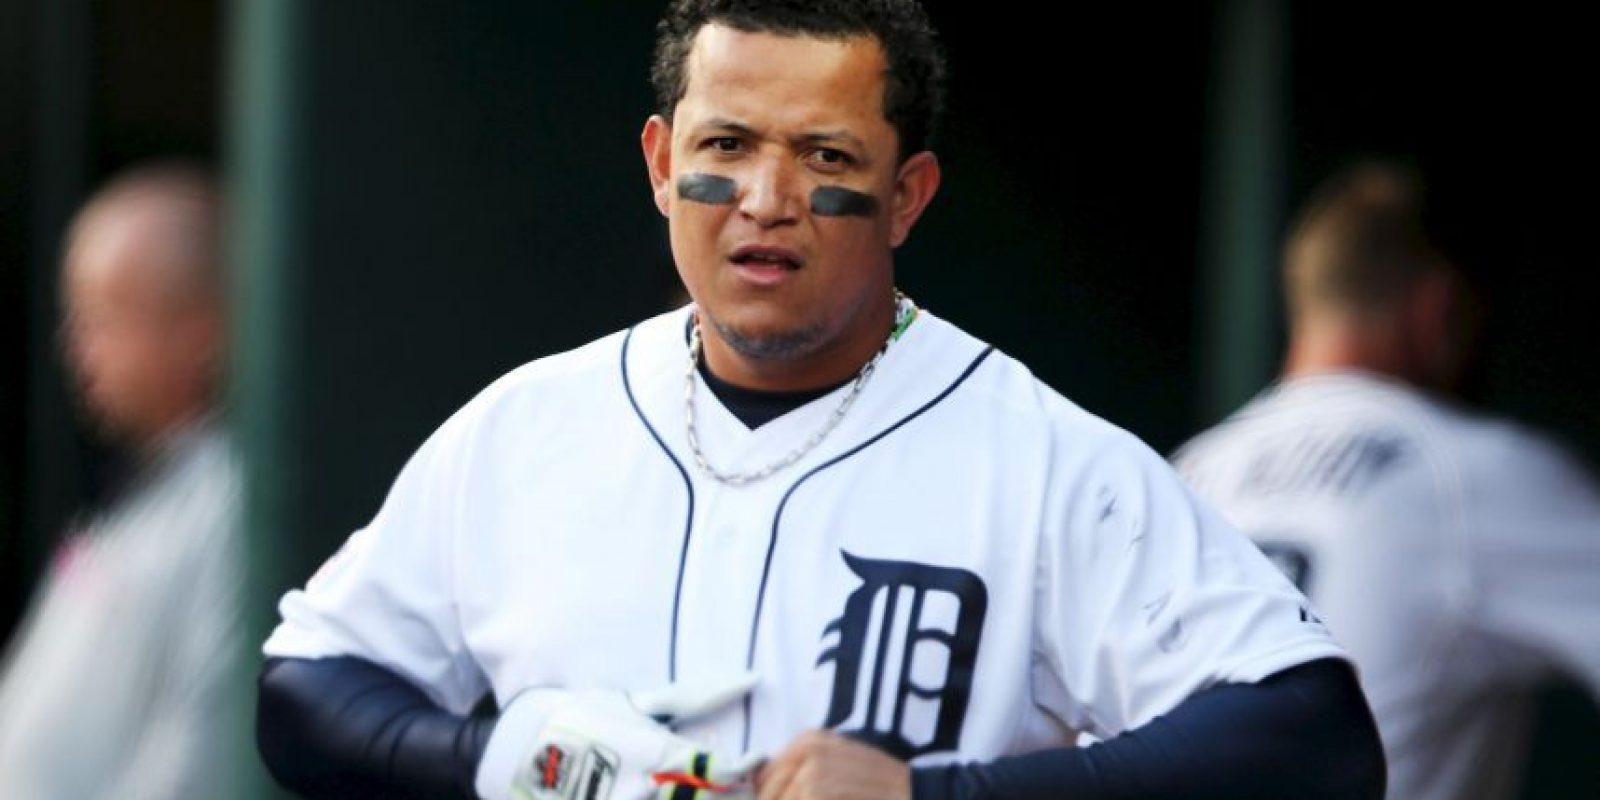 El toletero venezolano firmó en 2014, un contrato de 29.20 millones de dólares por año con los Detroit Tigers. Foto:Getty Images